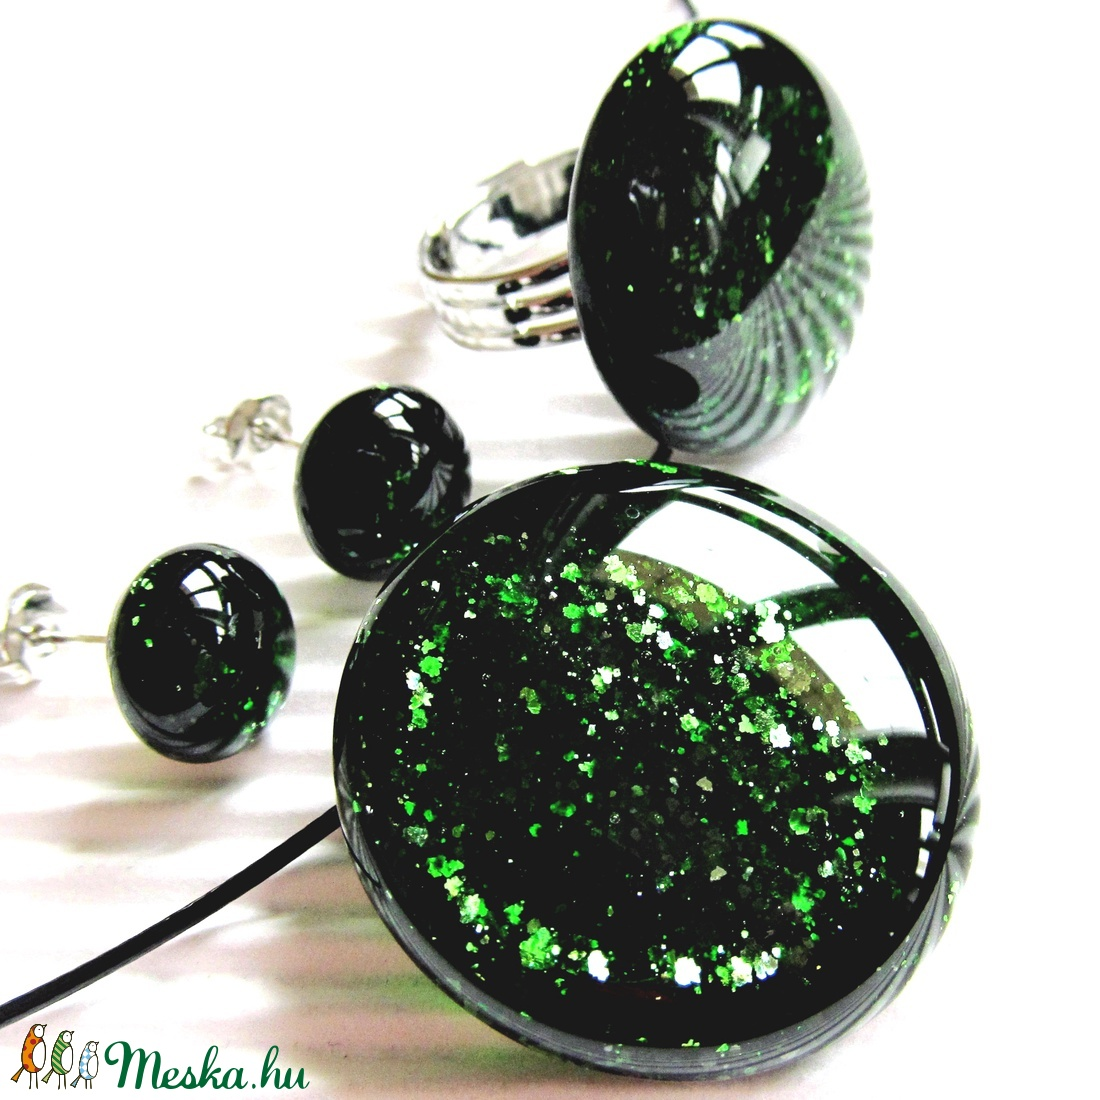 Szikrázó mohaszőnyeg sötétzöld kerek üveg medál, gyűrű és fülbevaló, üvegékszer - ékszer - ékszerszett - Meska.hu